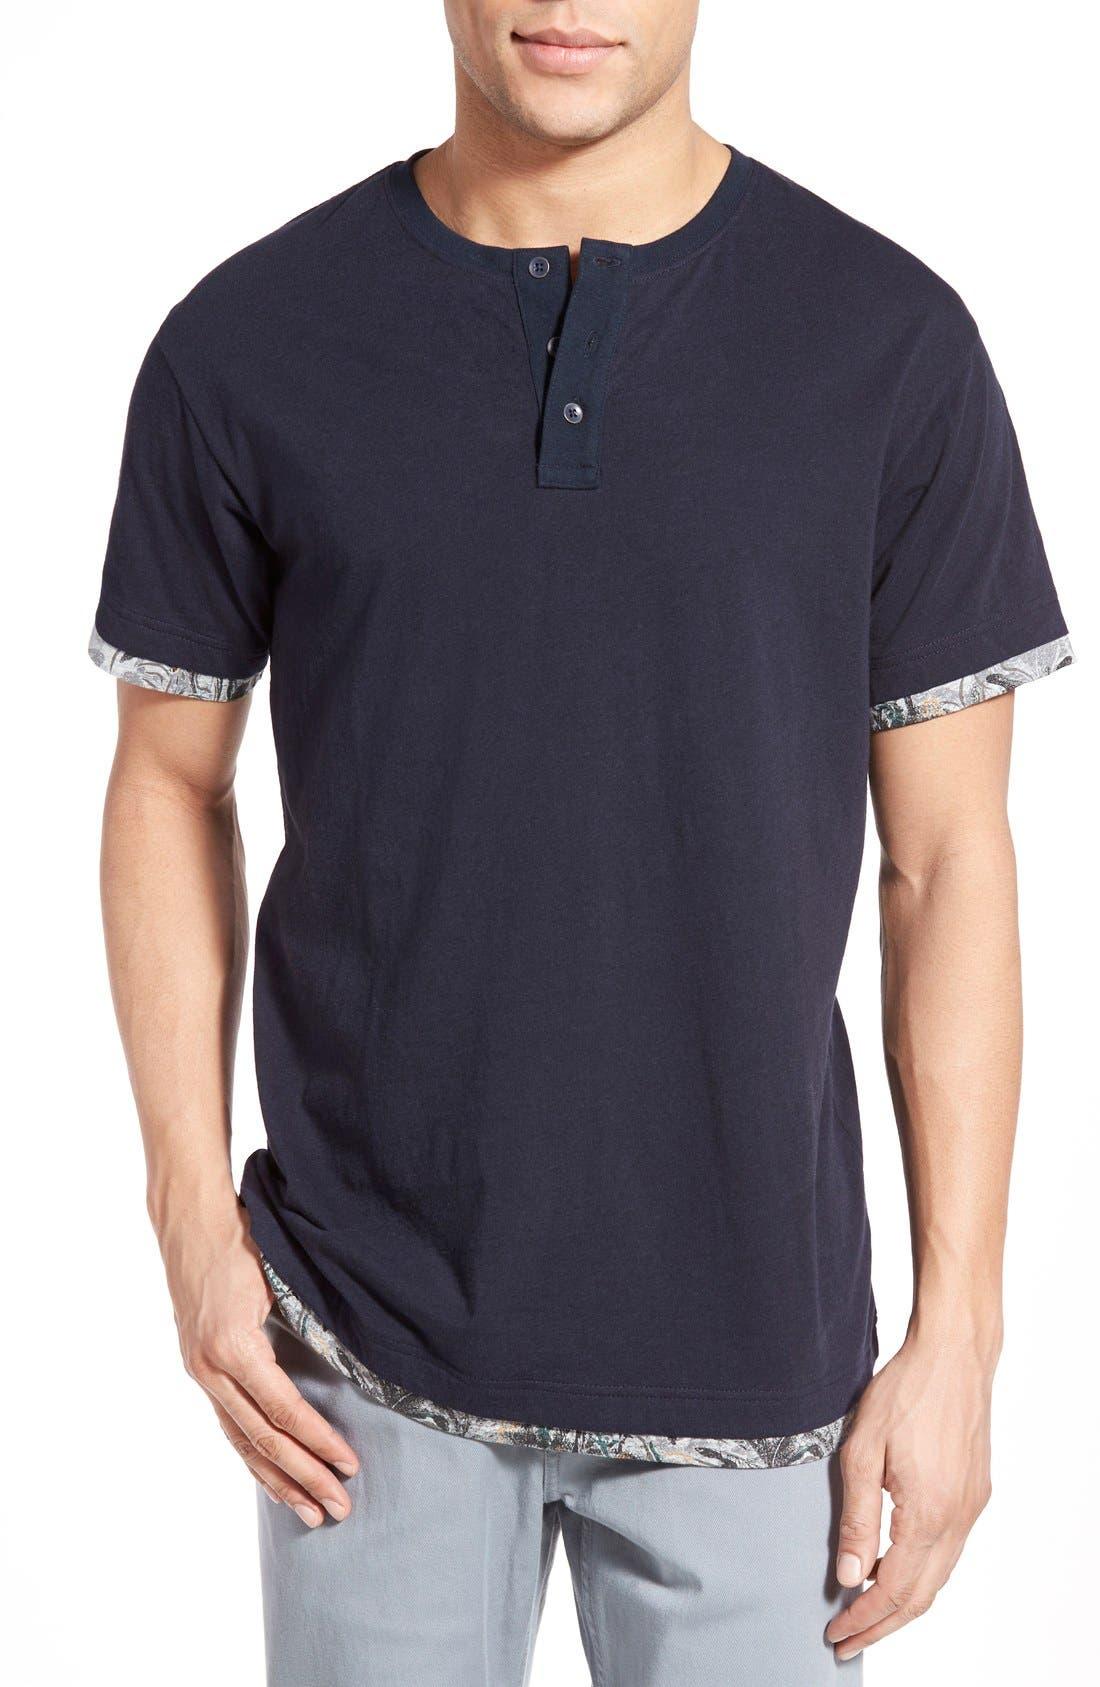 RODD & GUNN 'Finlayson' Short Sleeve Henley T-Shirt